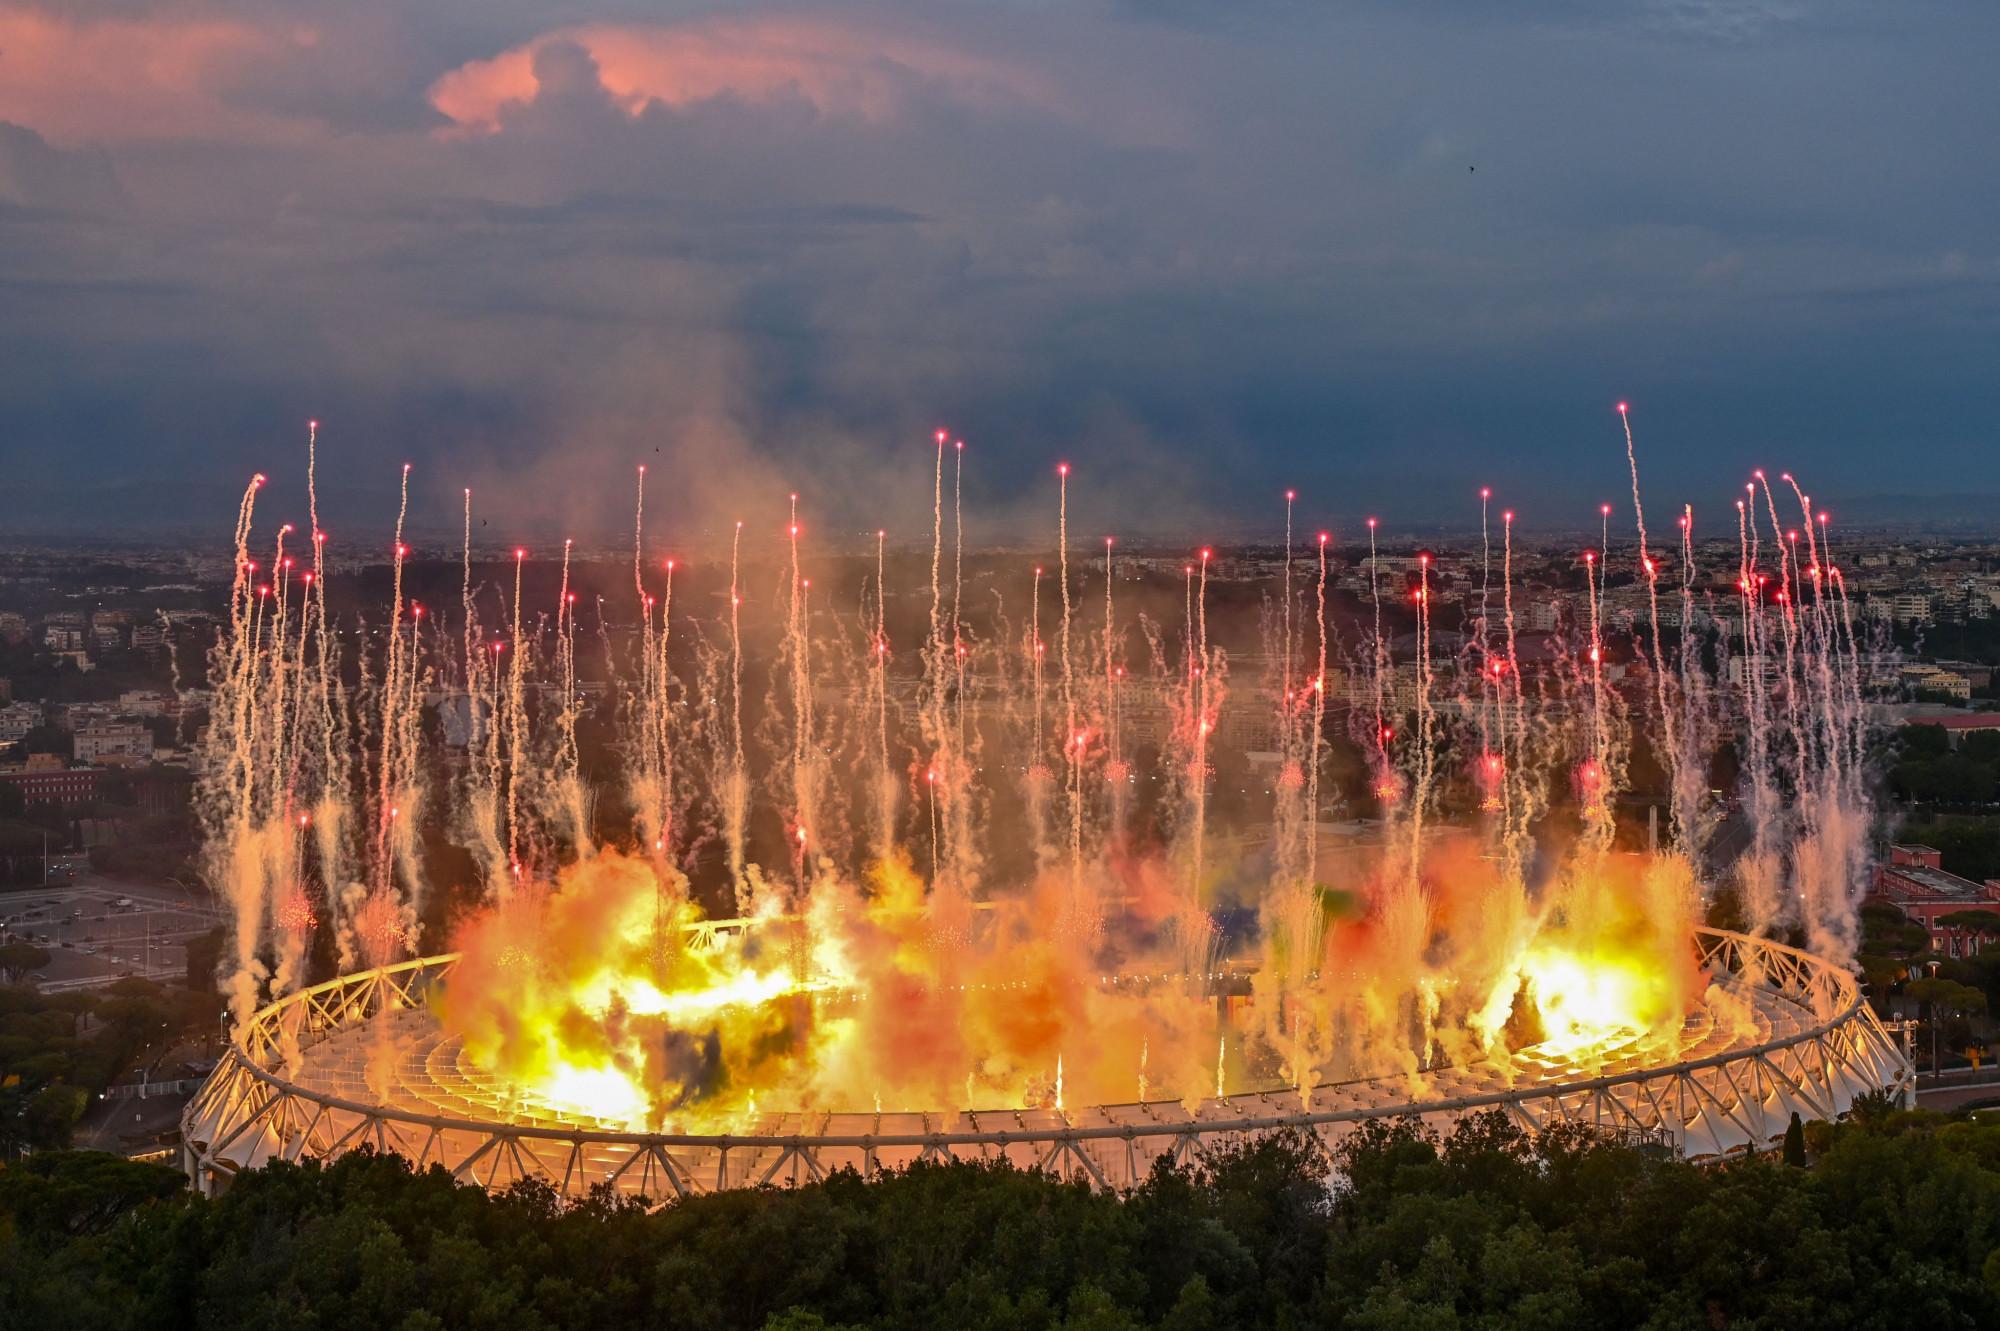 Rạng sáng 12/6, lễ khai mạc Euro 2020 đã được chính thức diễn ra tại sân vận động Stadio Olimpico, ở thủ đô Rome Ý, sau hơn 1 năm bị dời lịch vì ảnh hưởng của đại dịch COVID-19.